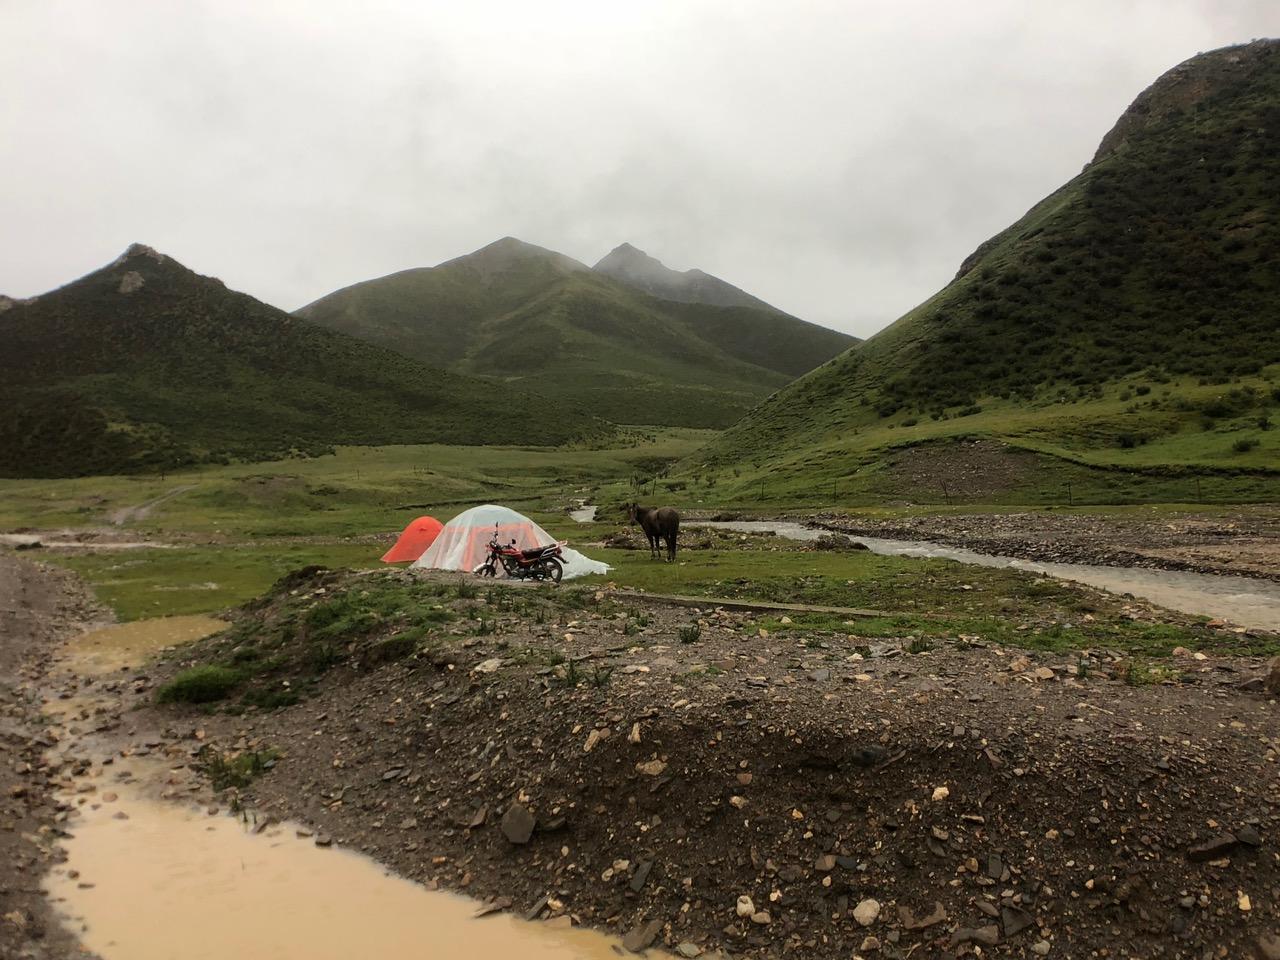 唯色8天在阿尼玛卿圣山徒步露宿时常常遇到下雨。(唯色提供)